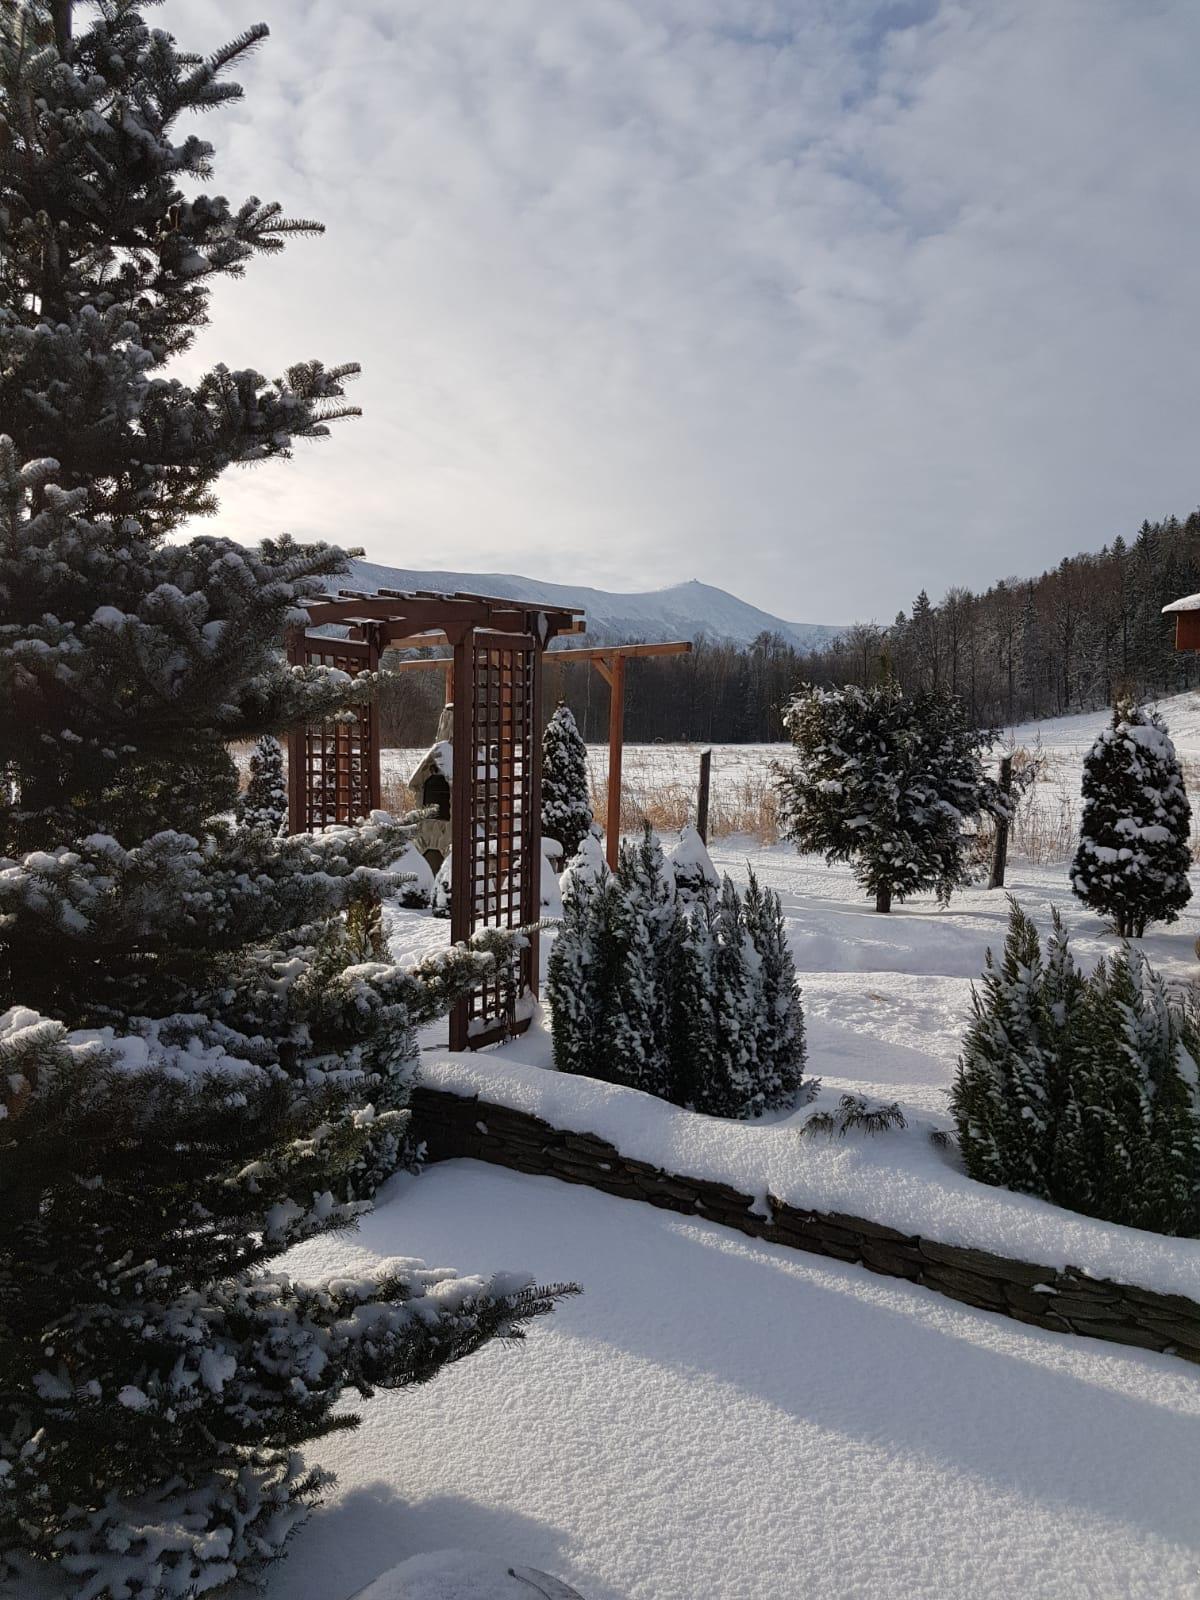 Wnajem domku Karpacz - Ściegny - widok na Śnieżkę, Karkonosze